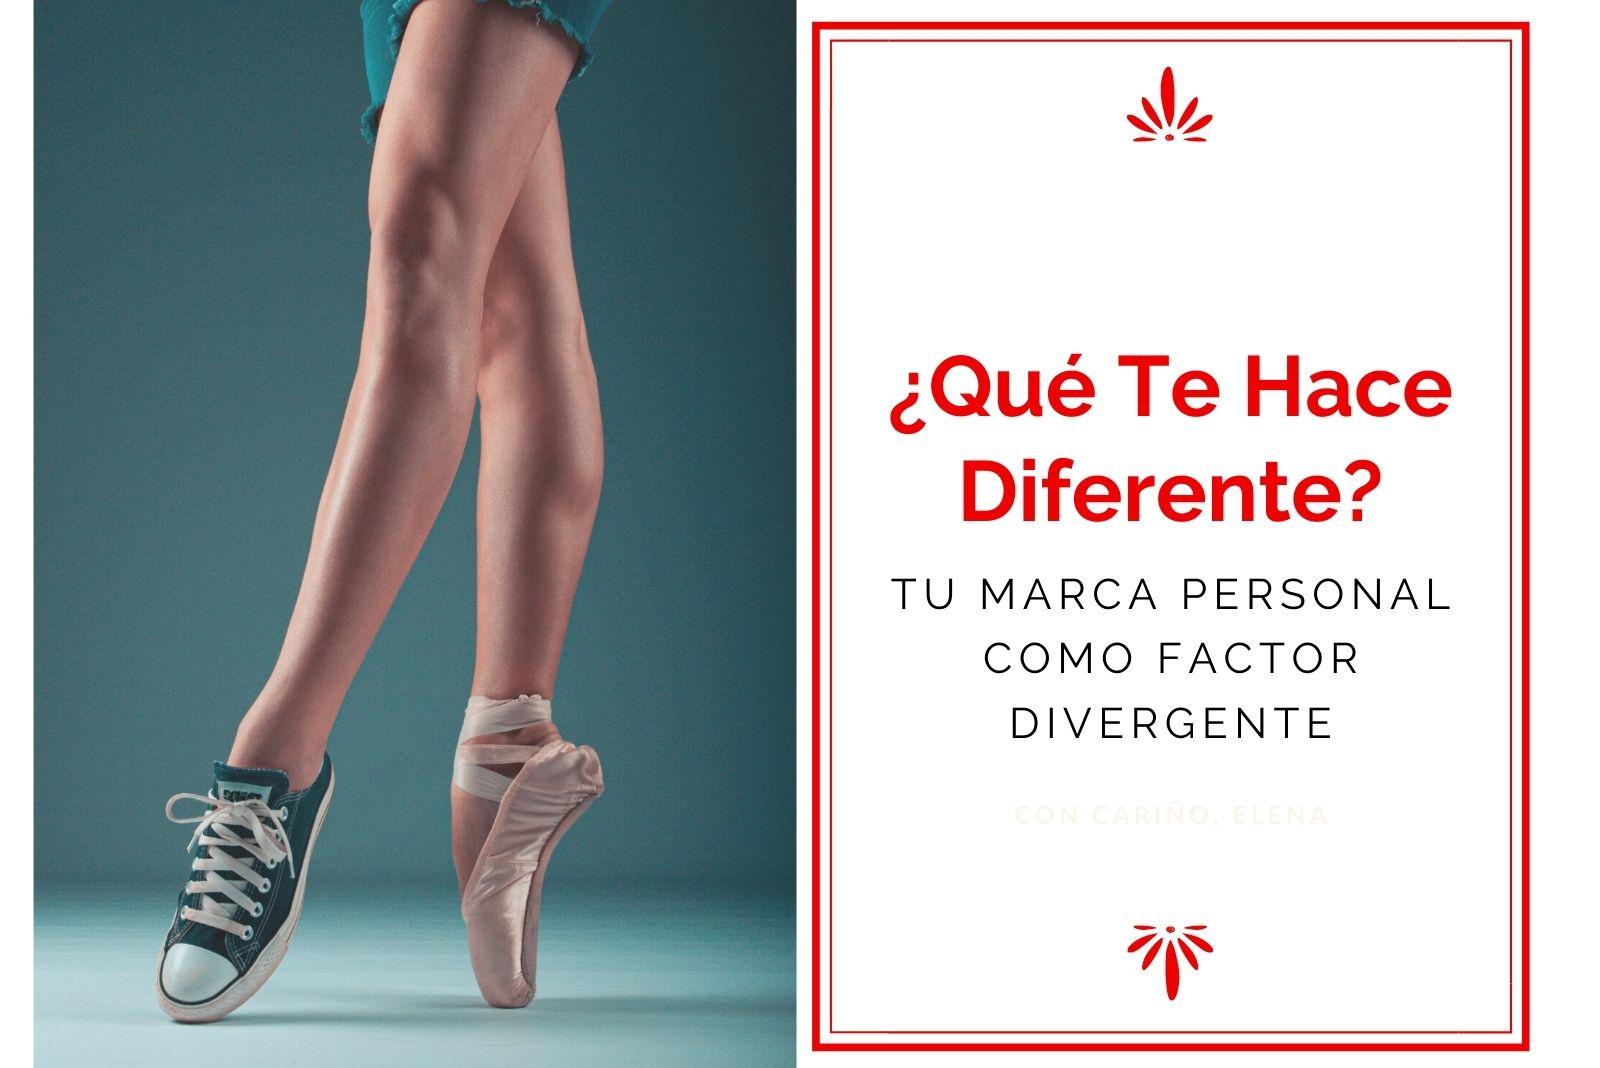 Hector Jimenez - Marca Personal - Qué te hace diferente - 1